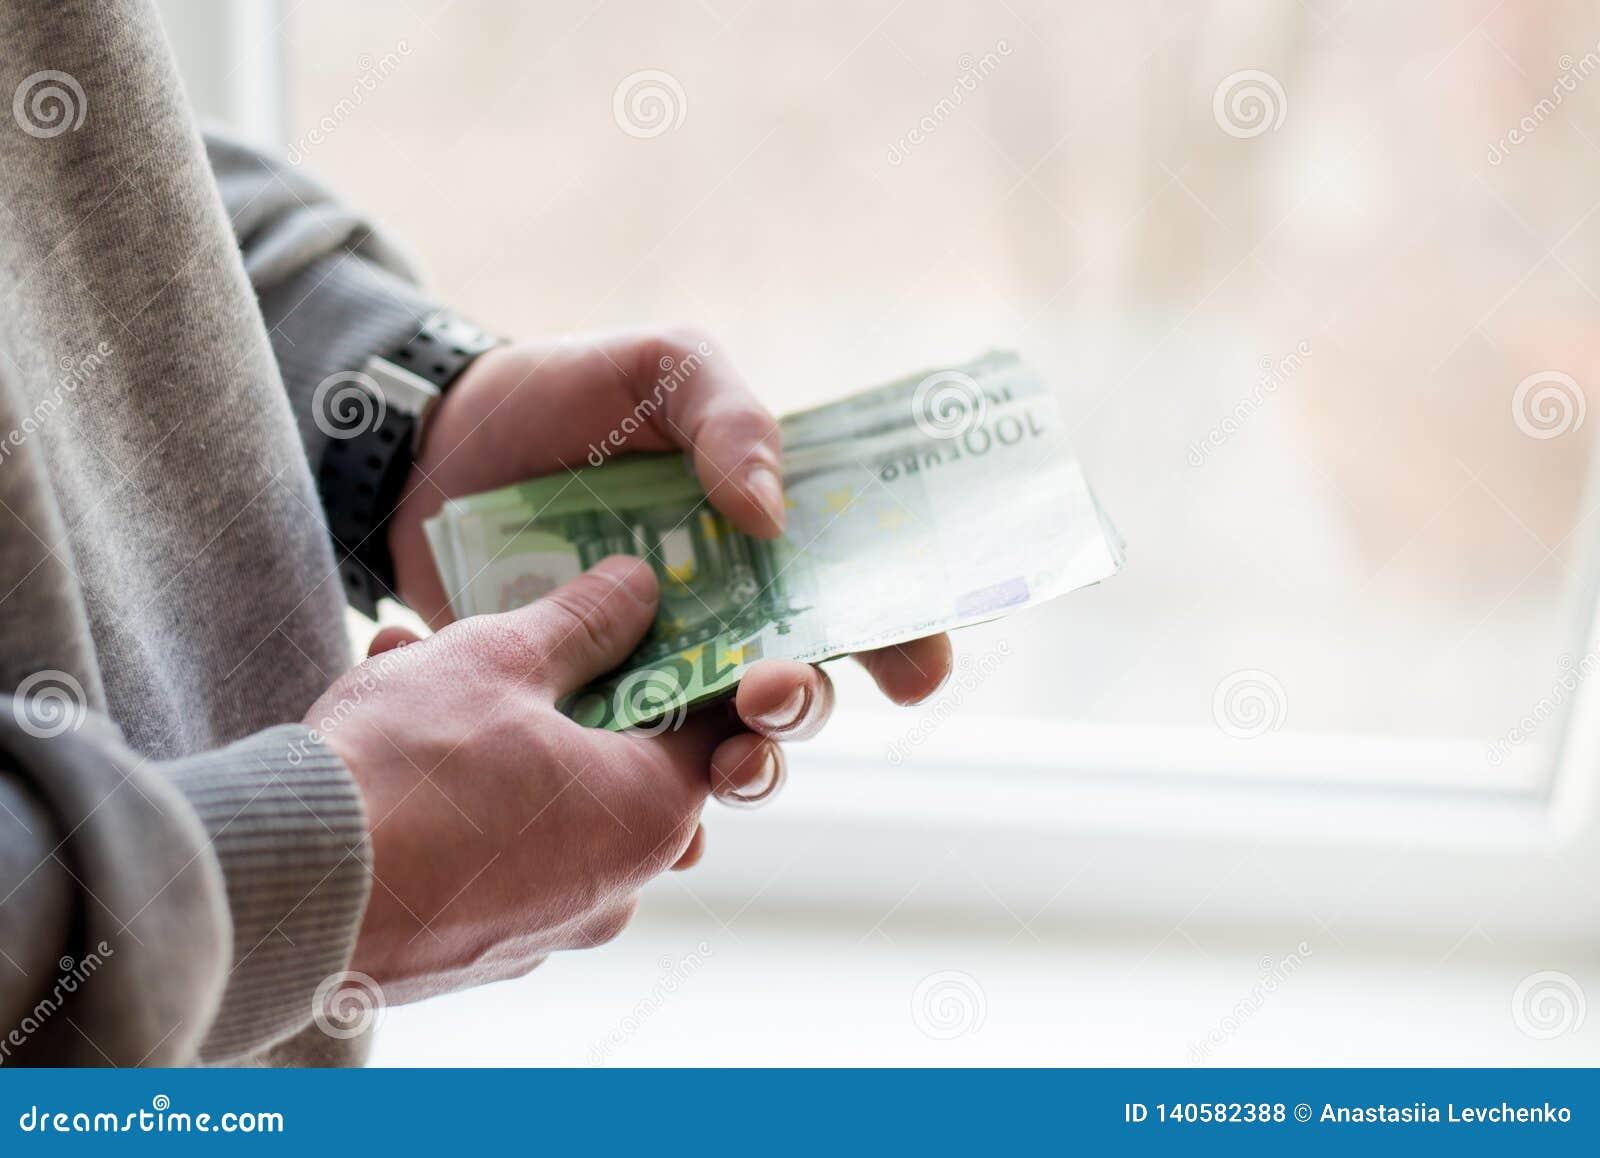 накрените веревочка примечания дег фокуса 100 евро 5 евро бумажные банкноты евро в руке человека человек дает взятку